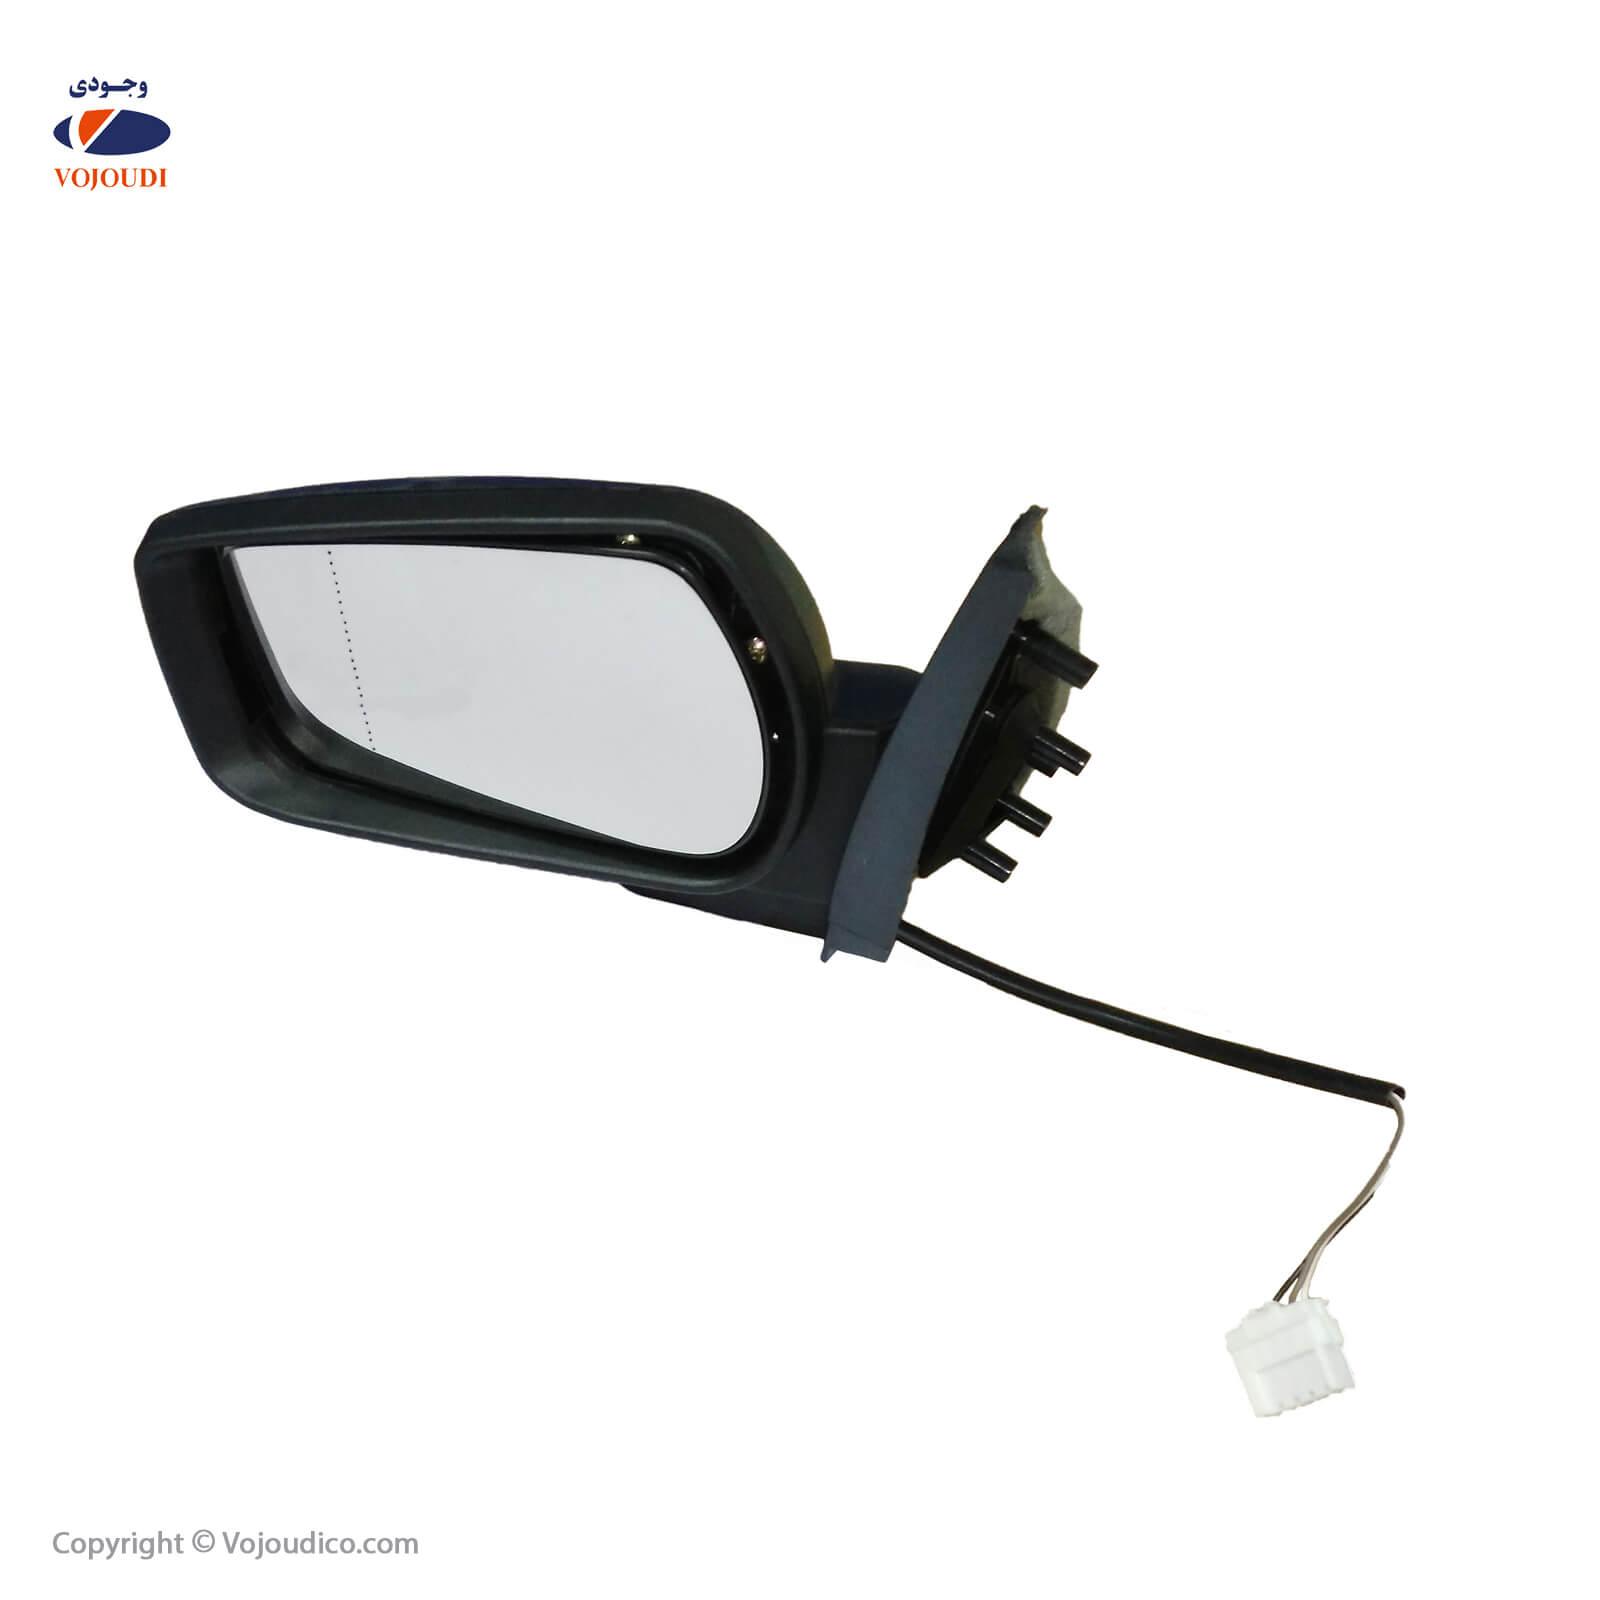 38125 1 - آینه برقی سمت چپ طرح جدید وجودی کد 38125 ، تعداد در بسته : 10 عدد